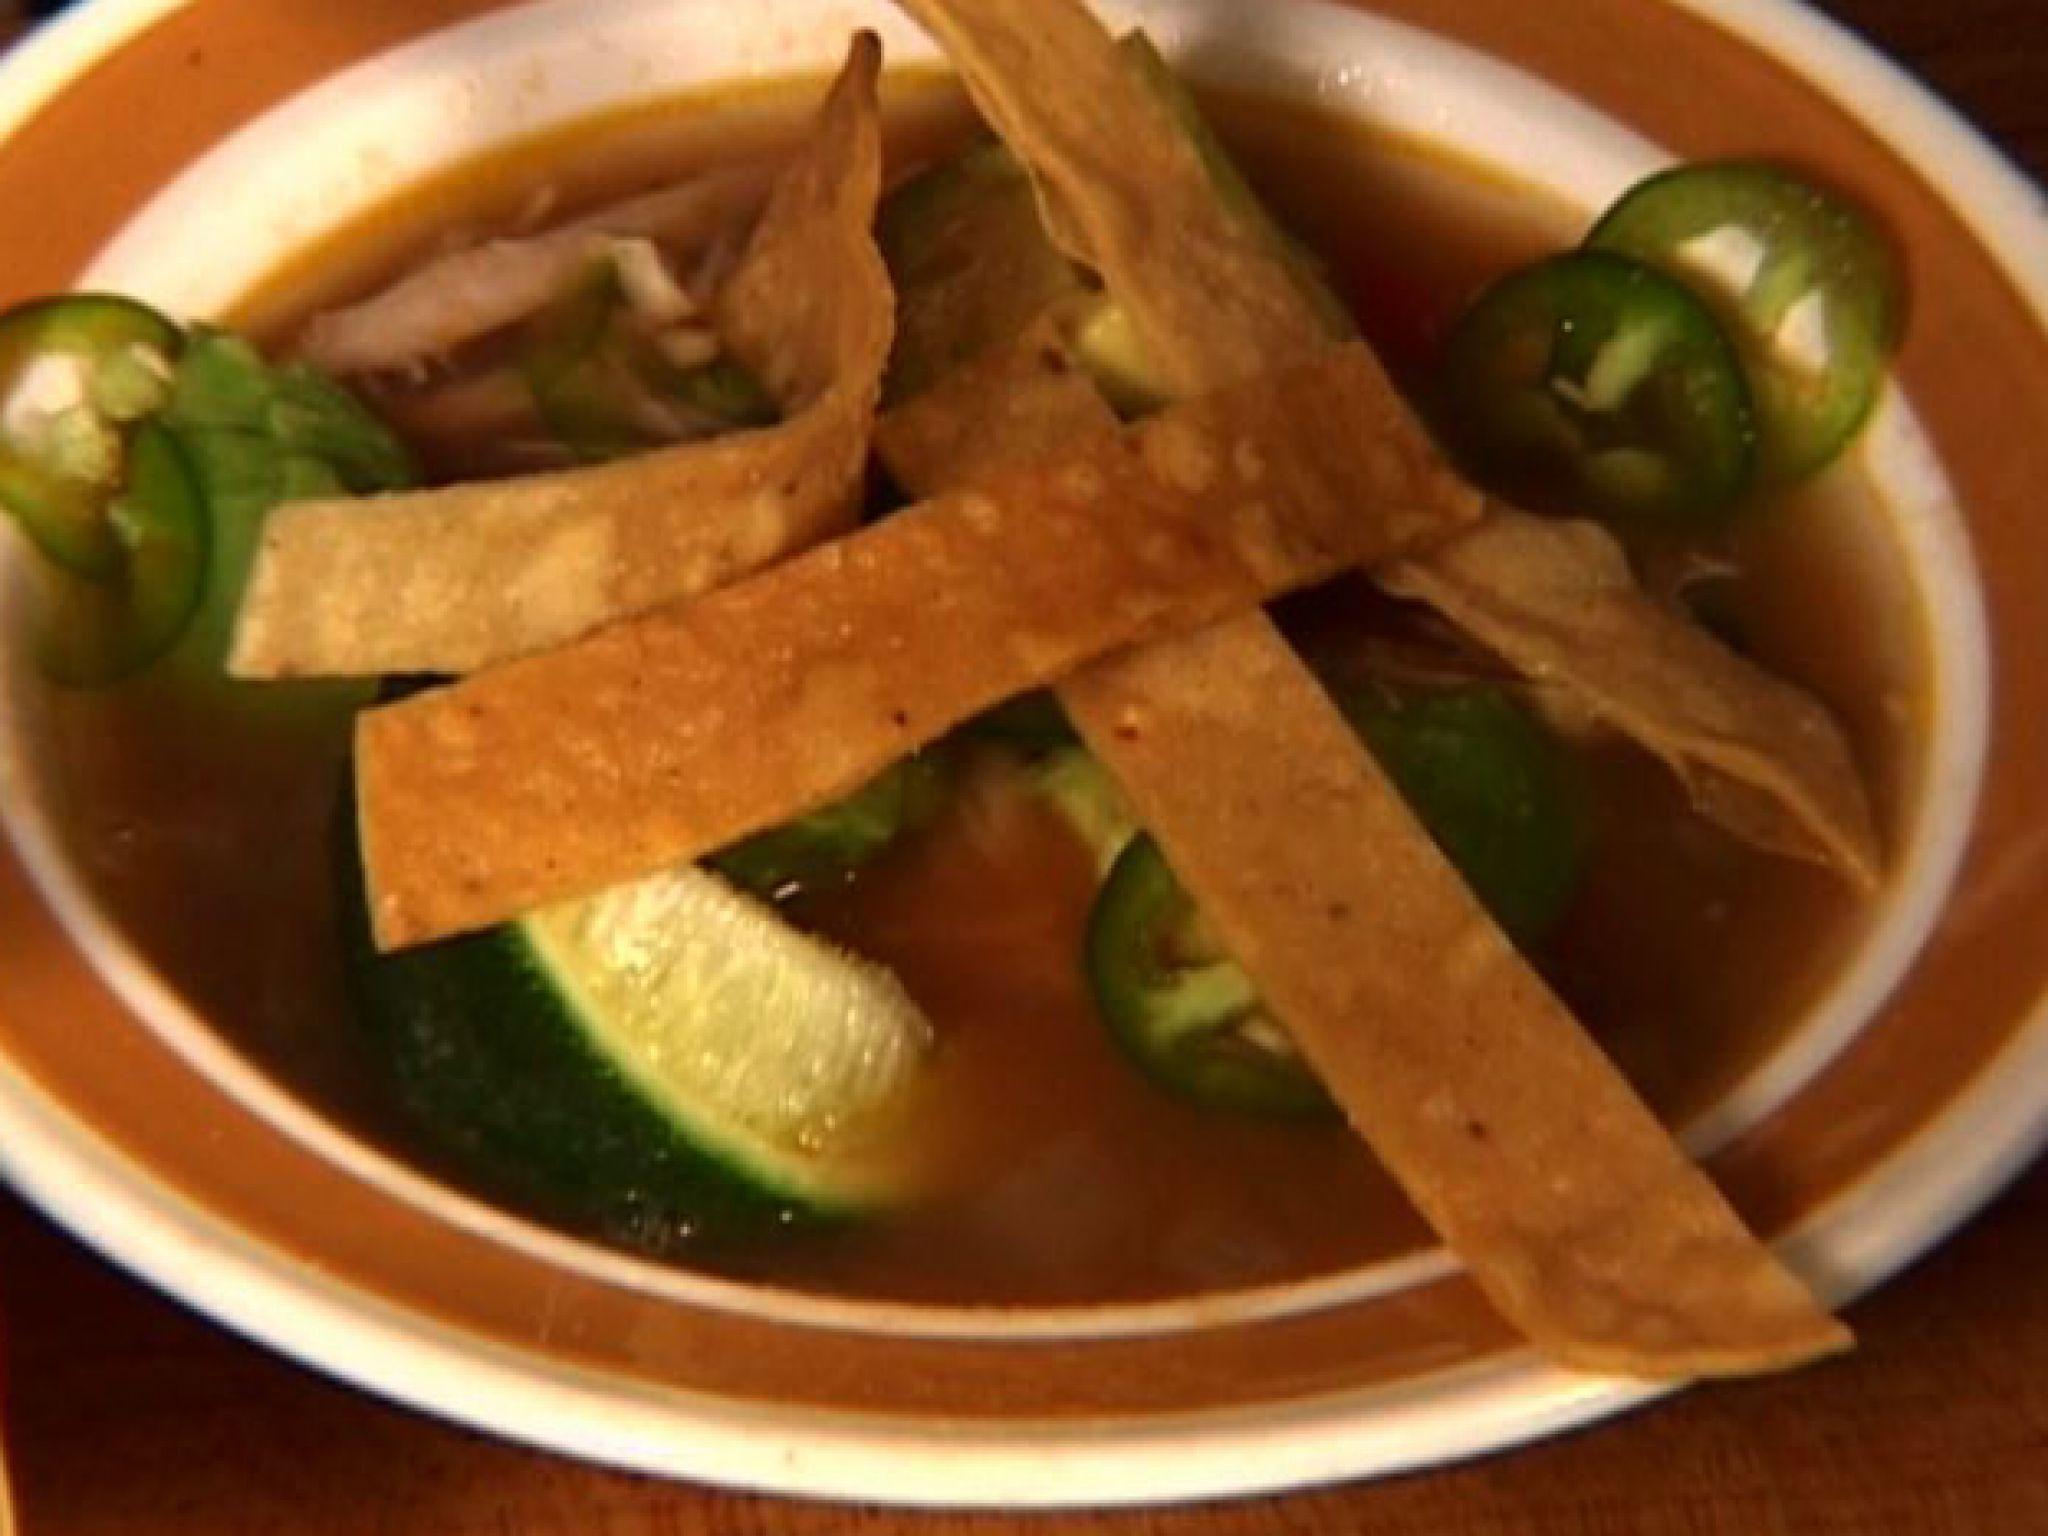 Mexican tortilla chicken soup receta recetas de sopa tyler mexican tortilla chicken soup mexican tortilla chicken soup recipe tyler florence food network forumfinder Choice Image